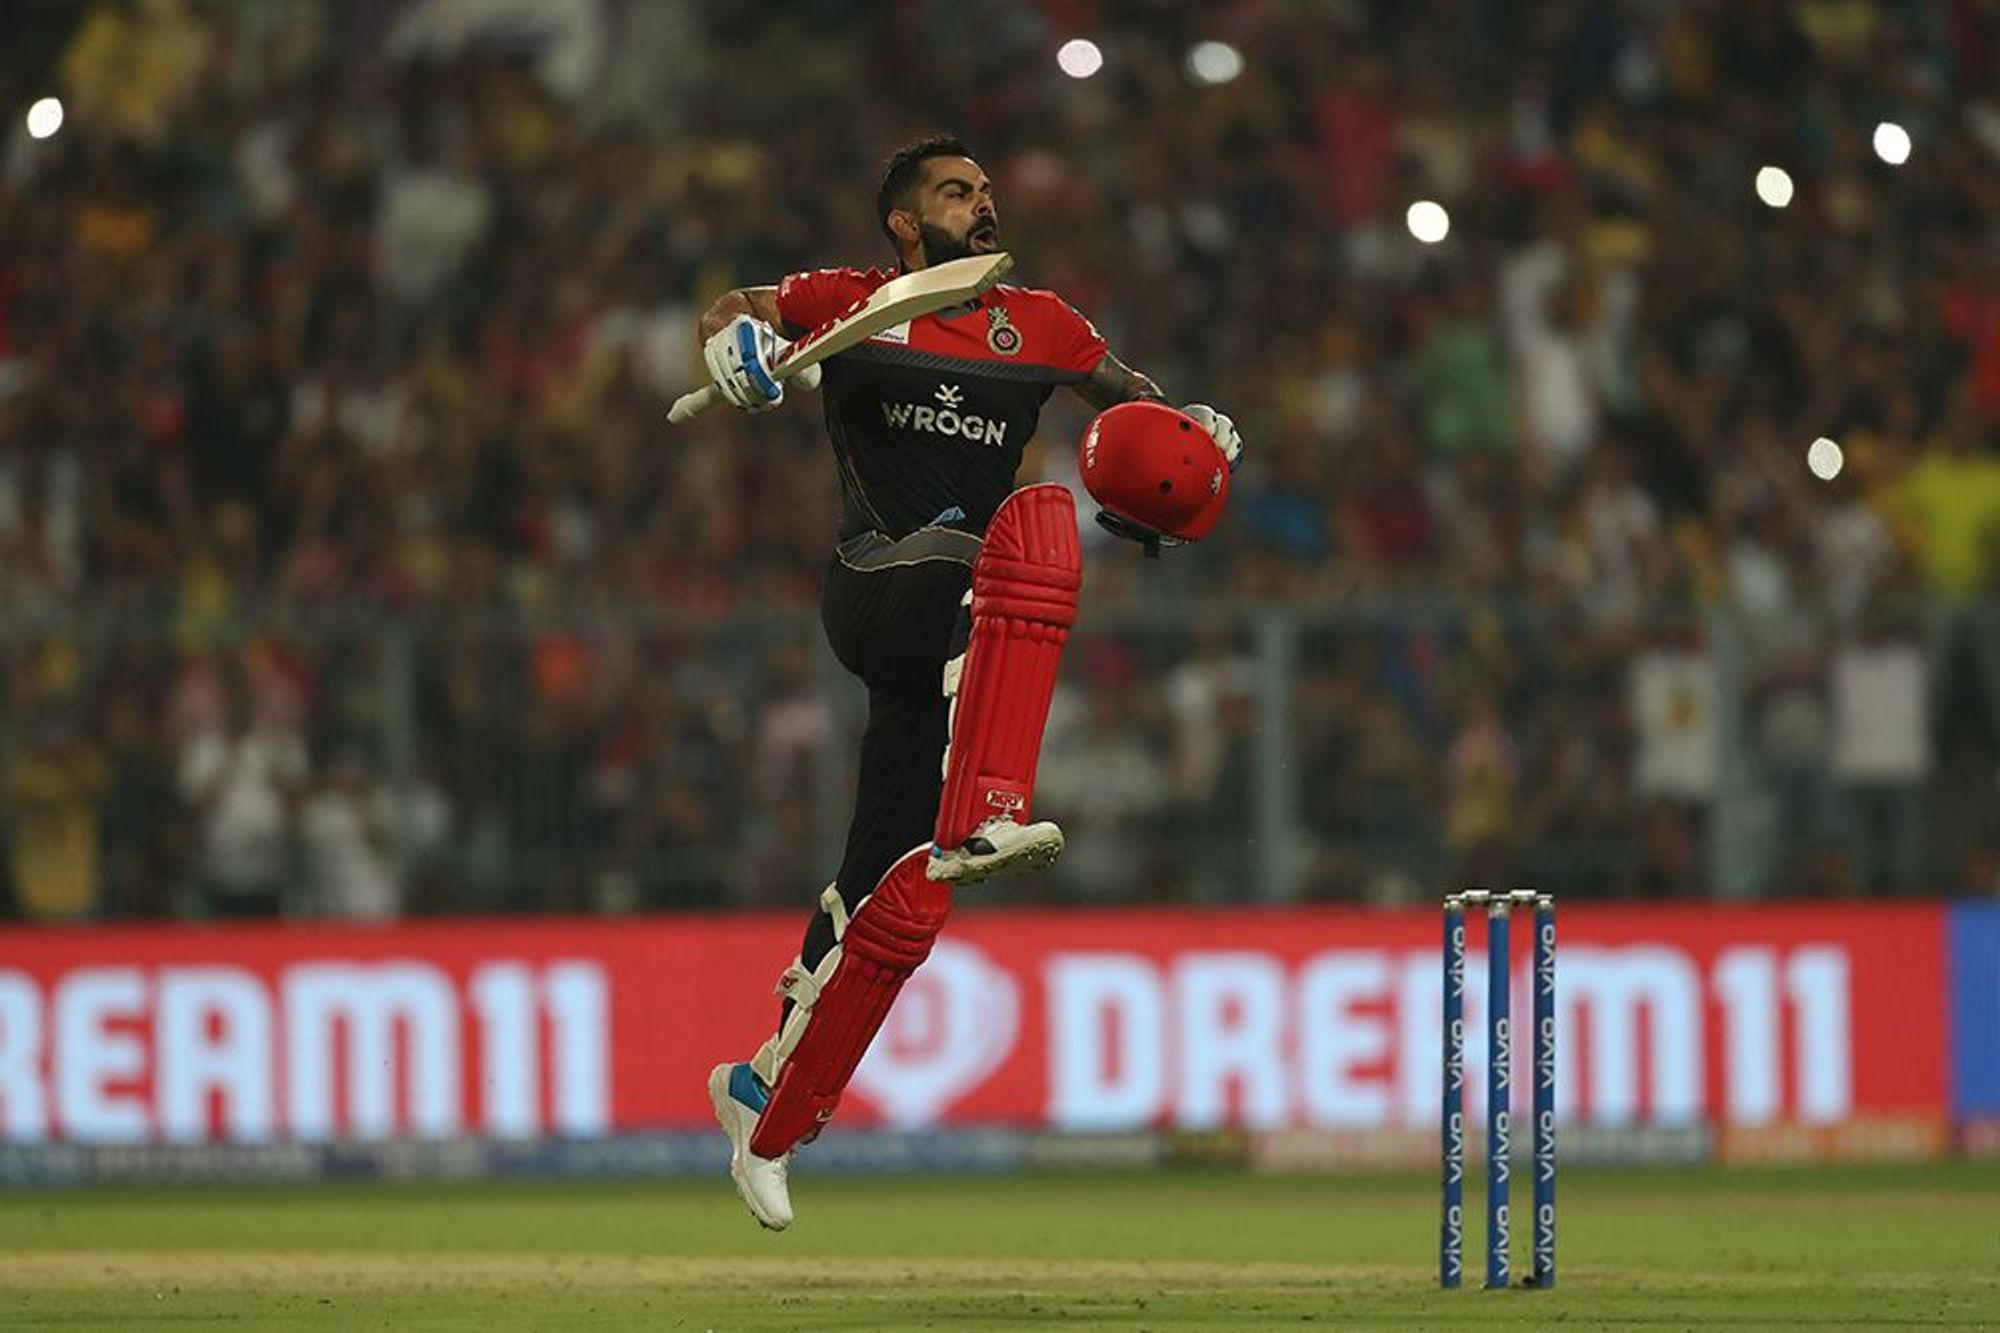 केकेआर के खिलाफ कोहली का बल्ला जबर्दस्त धमाल मचाता है. उनकी पिछली तीन पारियां क्रमश: 68*, 84 और 100 रन की रही हैं.(photo-iplt20.com)